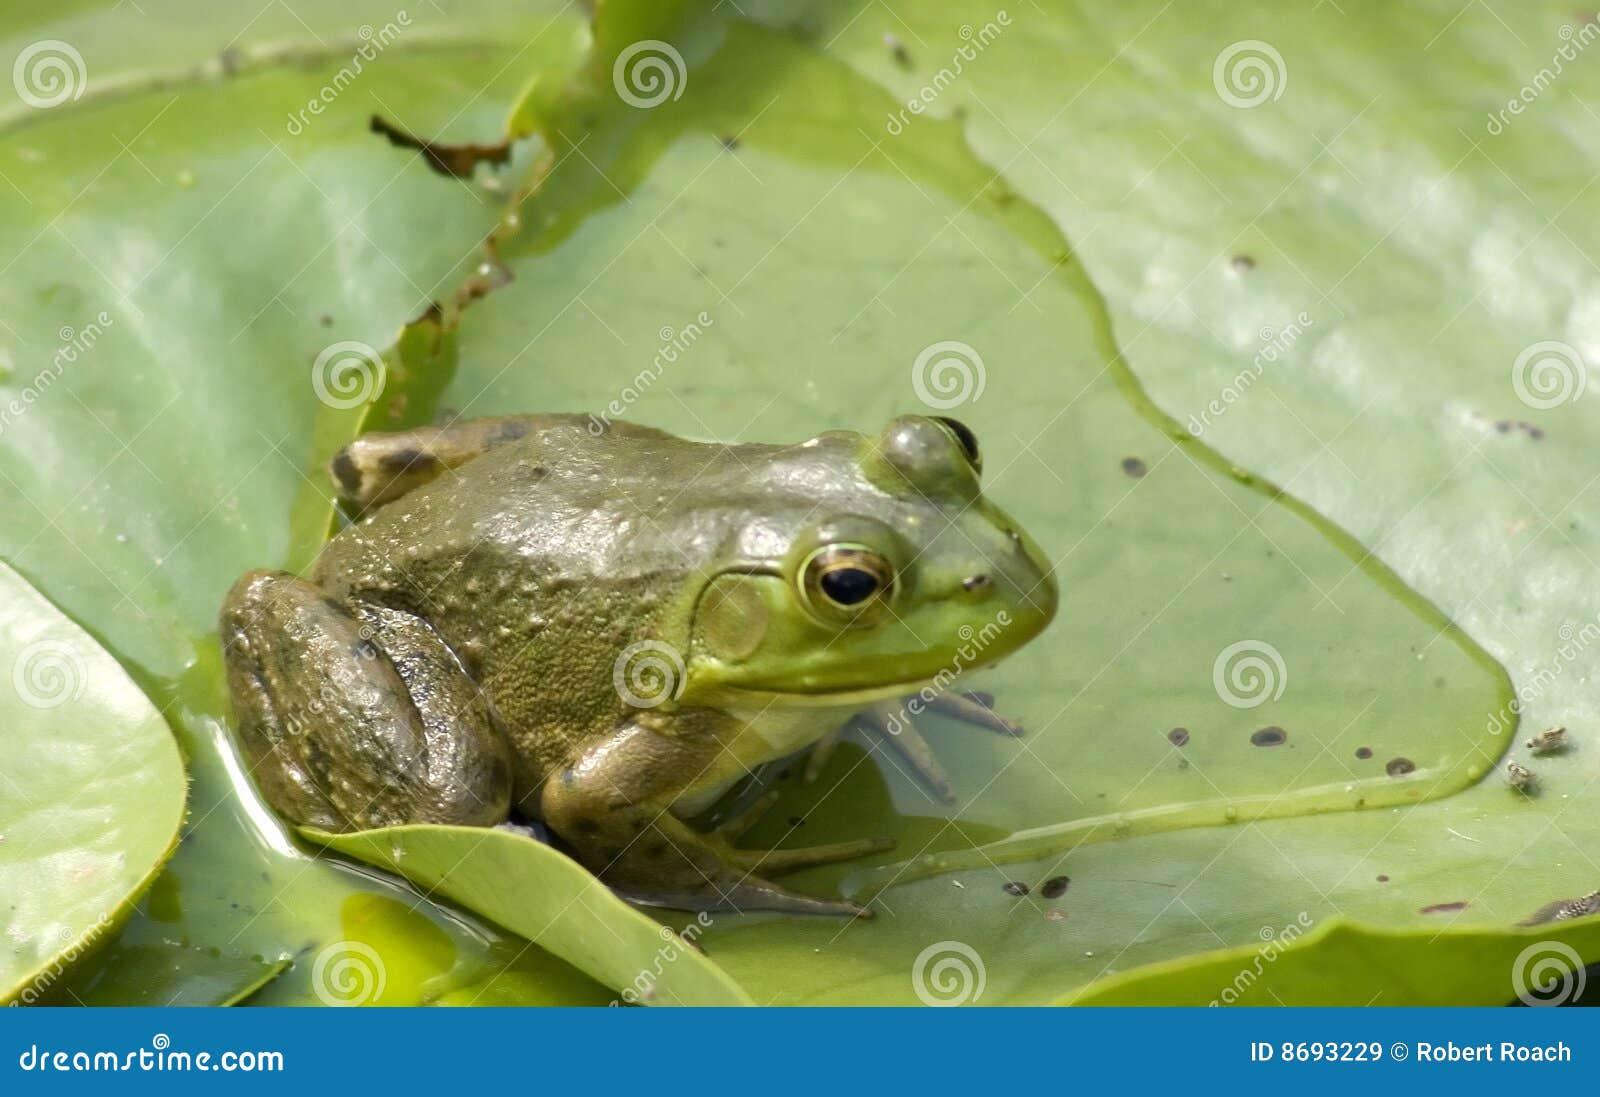 Striking Green frog